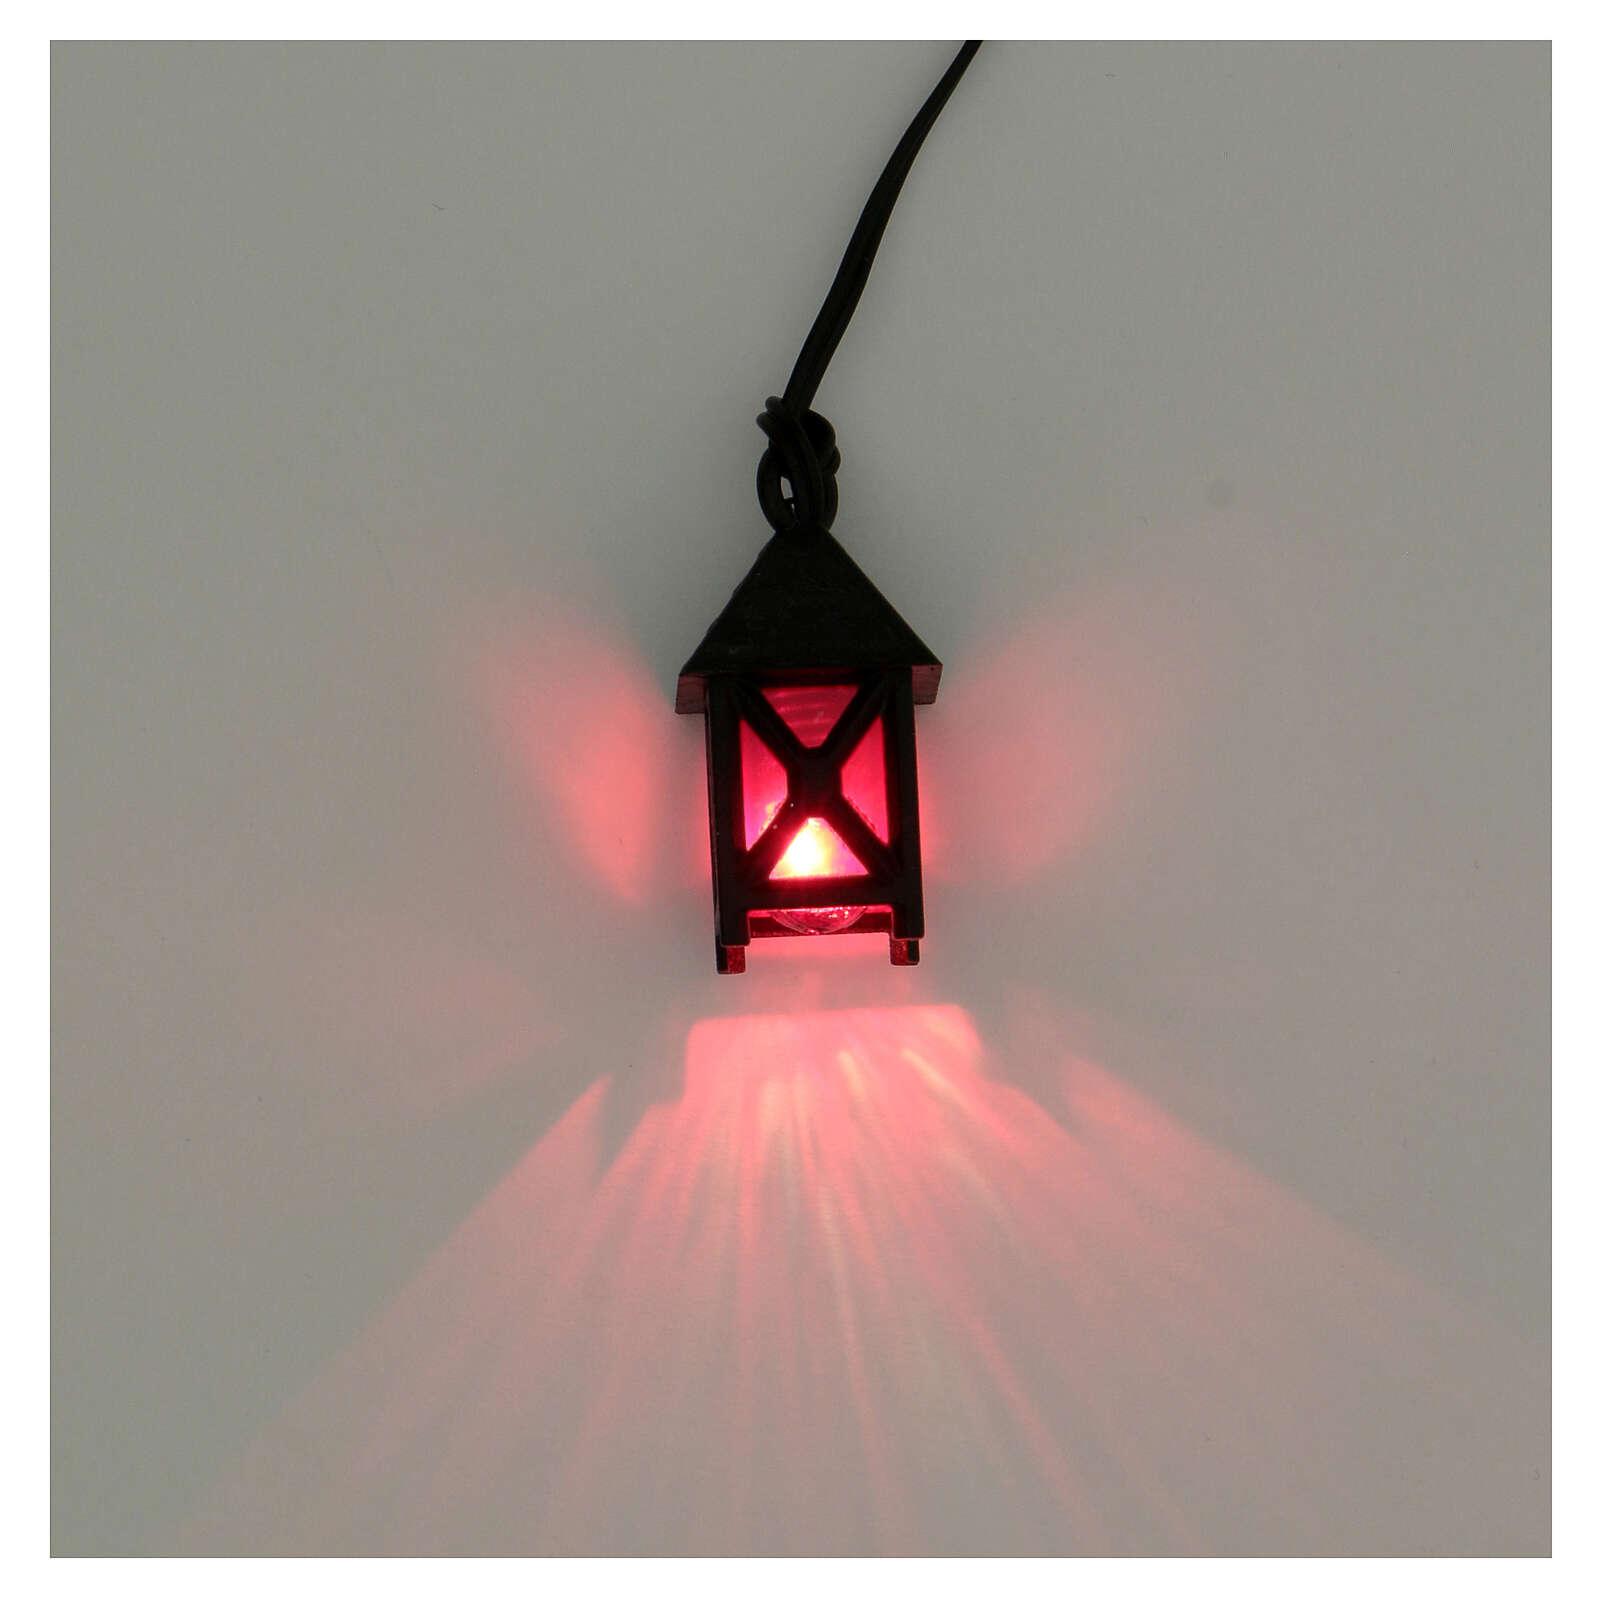 Lanterna de luz vermelha em miniatura para presépio com figuras altura média 8 cm; medidas: 2,5x1,5x1,5 cm 4